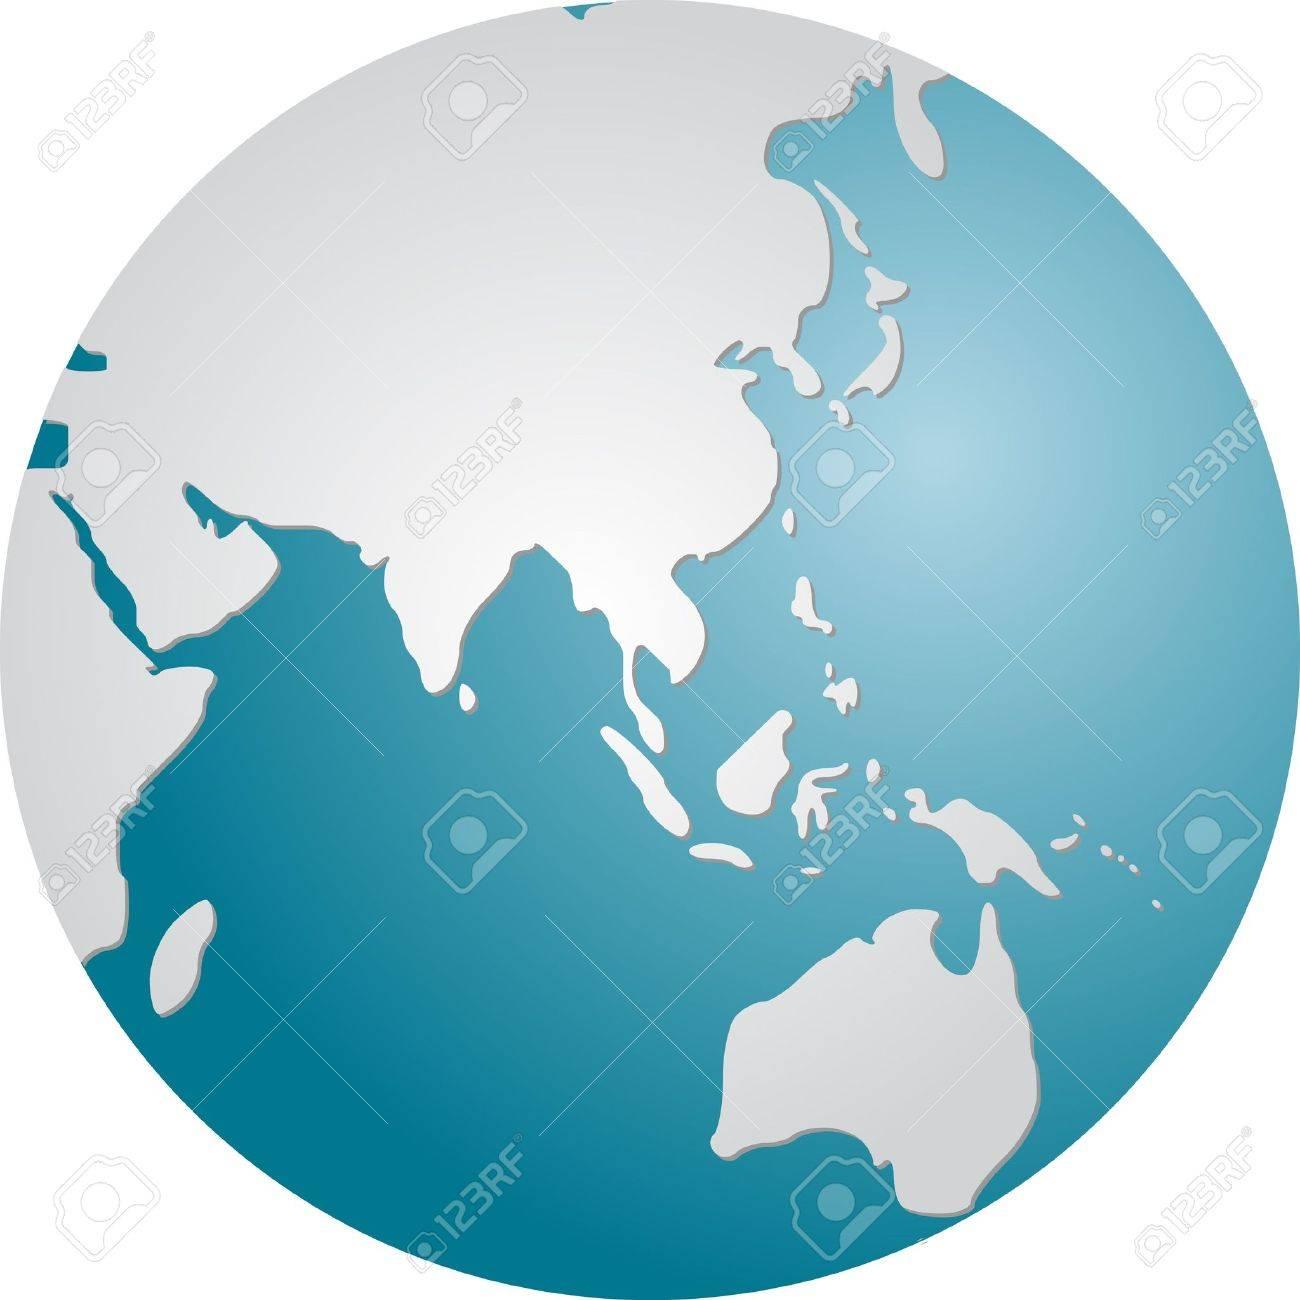 アジア太平洋地域の地球地図イラスト の写真素材画像素材 Image 3857035